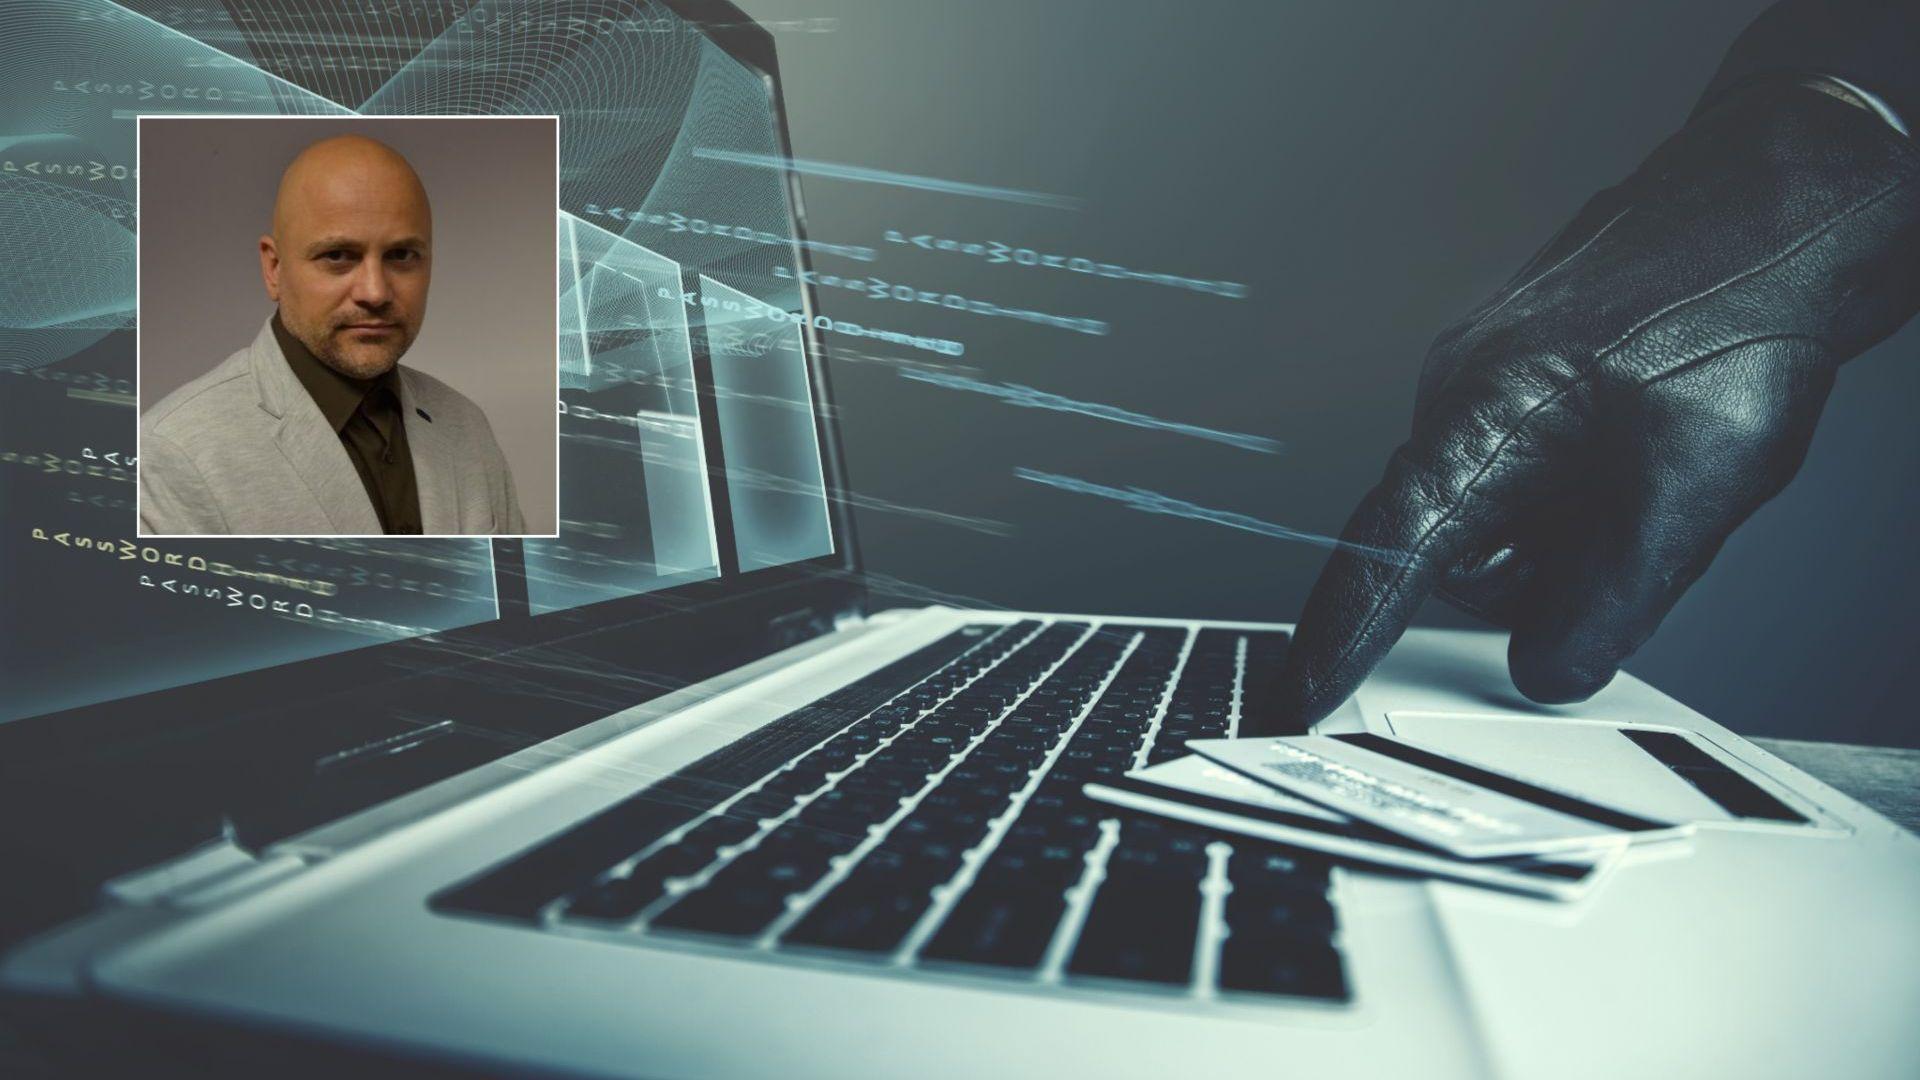 Етичният хакер Мирослав Стефанов: Наблюдаваме много засилена кампания на фалшиви новини